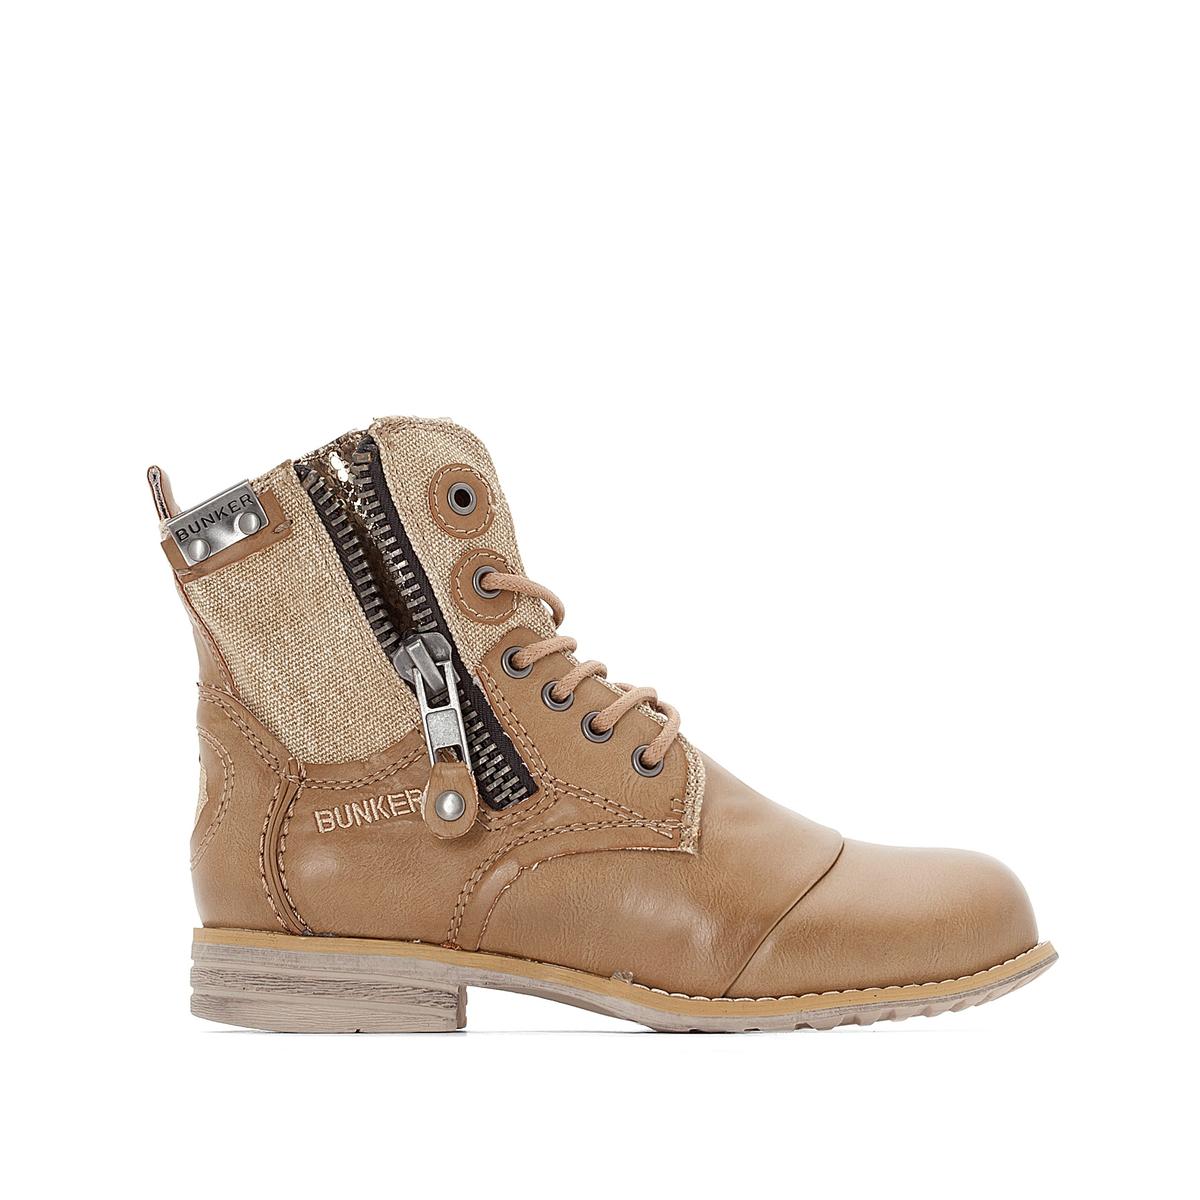 Ботильоны на молнии SaraВерх : синтетика   Подкладка : кожа   Стелька : кожа   Подошва : эластомер   Высота каблука : 2,5 см   Форма каблука : плоский каблук   Мысок : закругленный мысок  Застежка : молния<br><br>Цвет: красный,серо-коричневый,темно-коричневый<br>Размер: 40.37.39